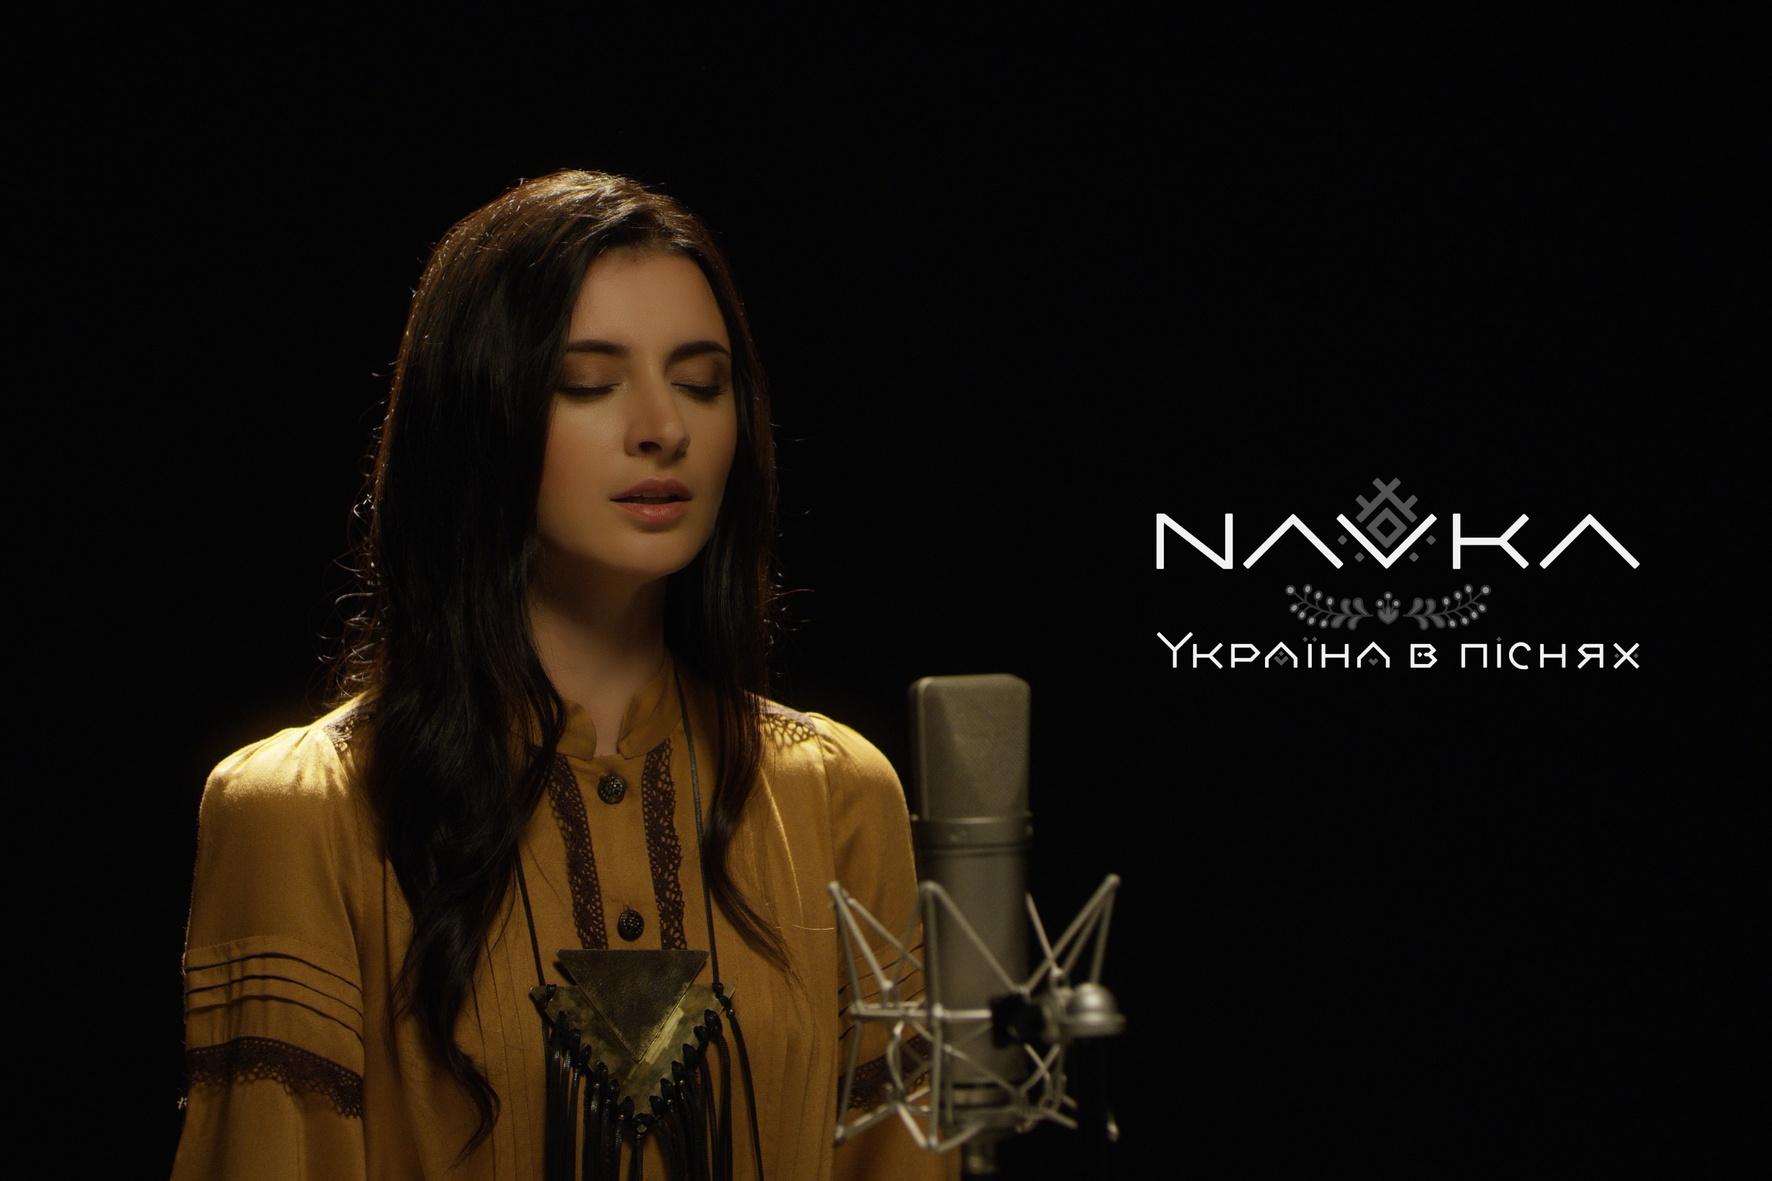 Проєкт «Україна в піснях» співачки NAVKA вивчають в школі